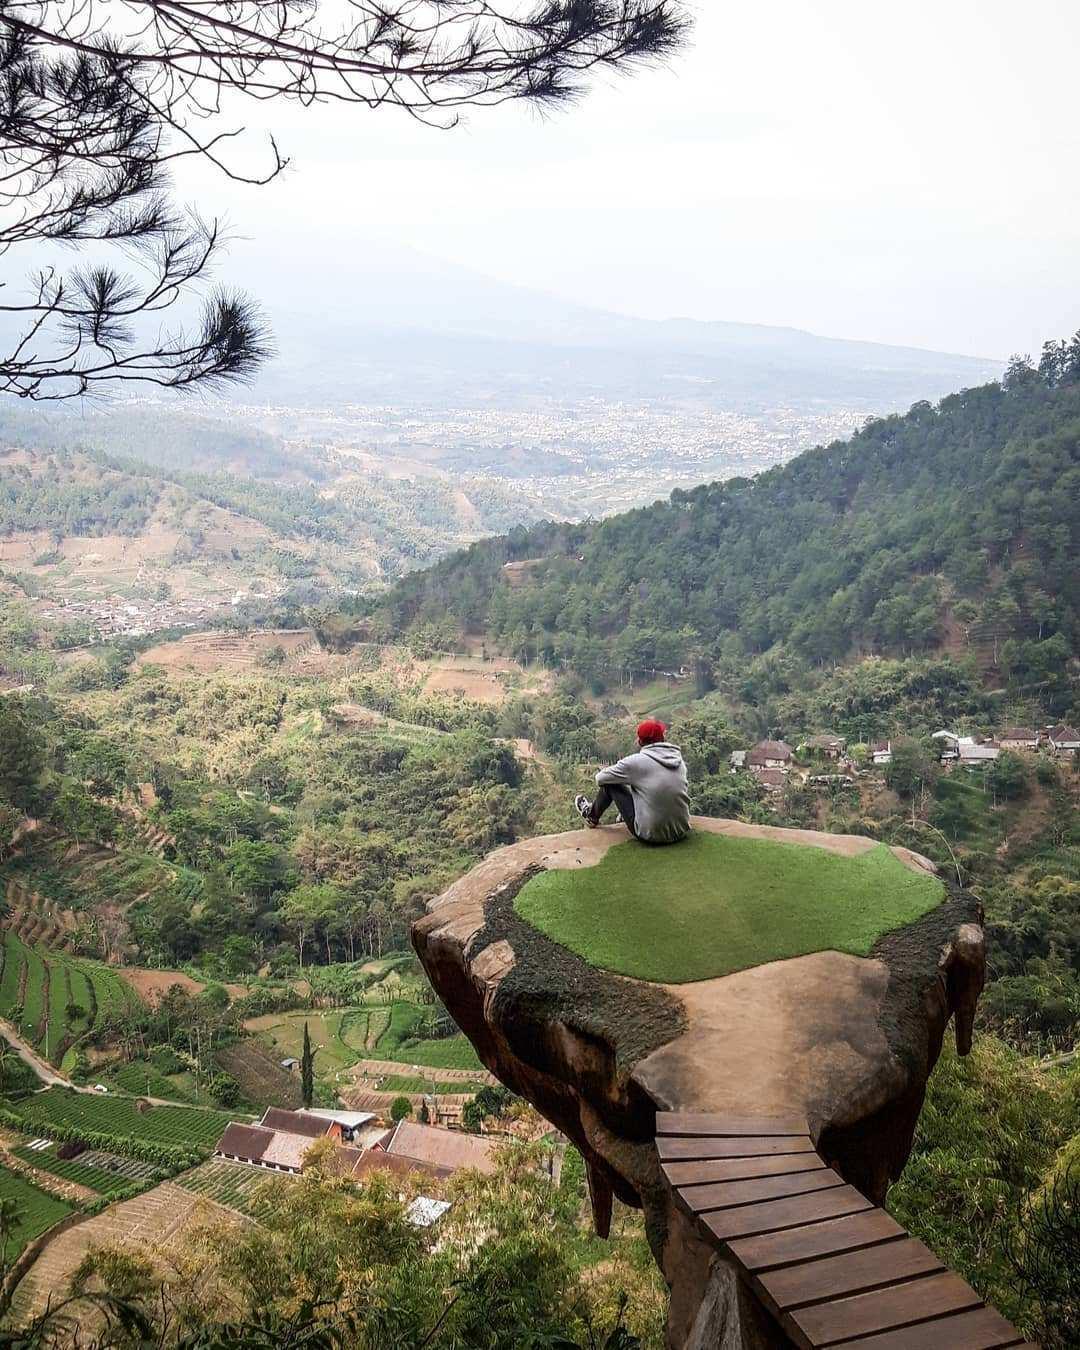 Gardu Pandang di Goa Pinus Malang Dengan Pemandangan Yang Menakjubkan, Images From @bagusprayogaa27